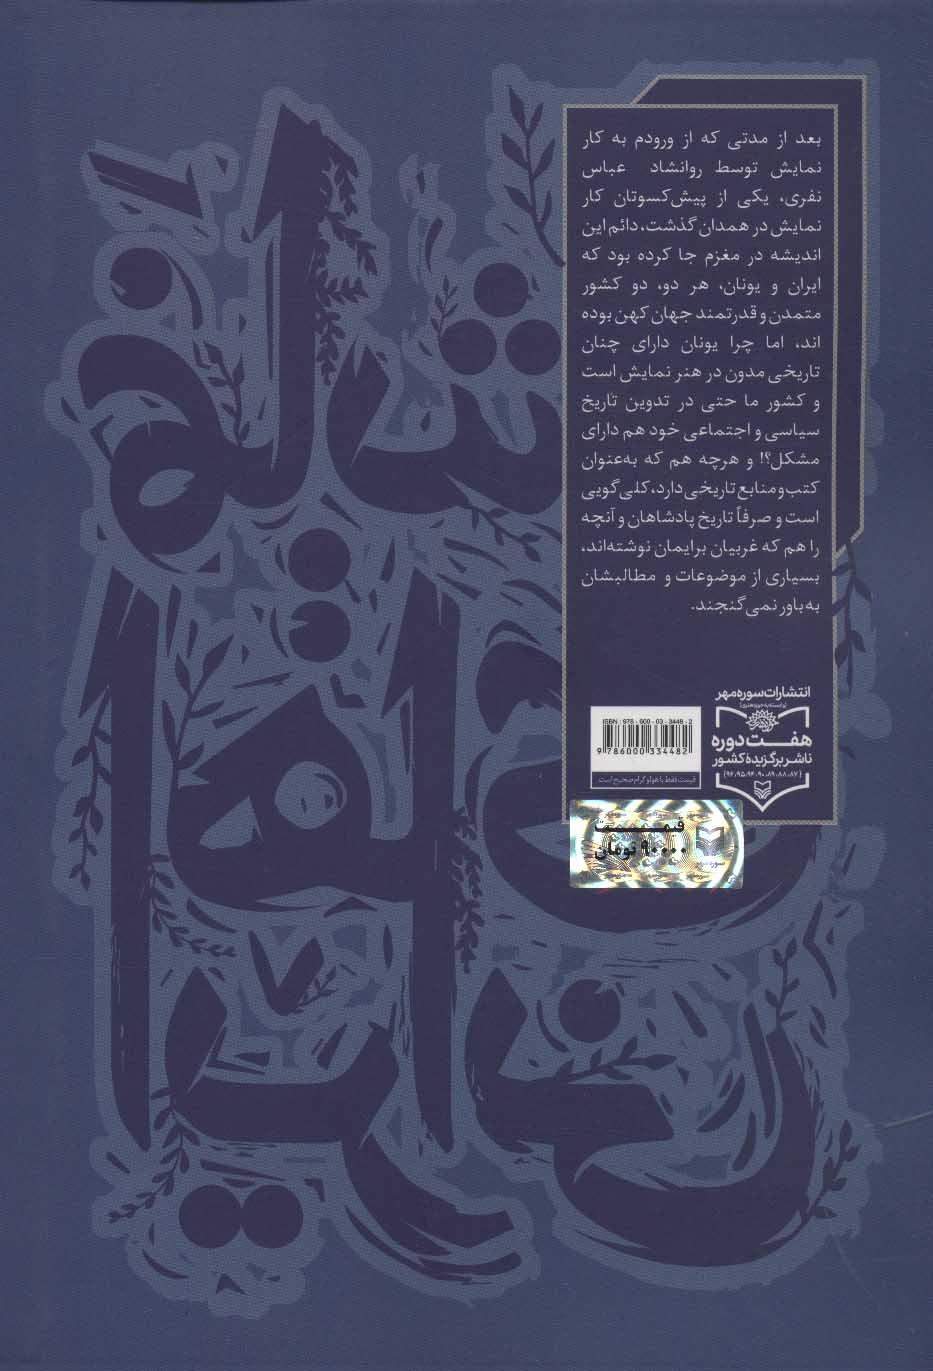 نمایش های ایرانی10 (محمدرضا شاه پهلوی:پهلوی دوم)